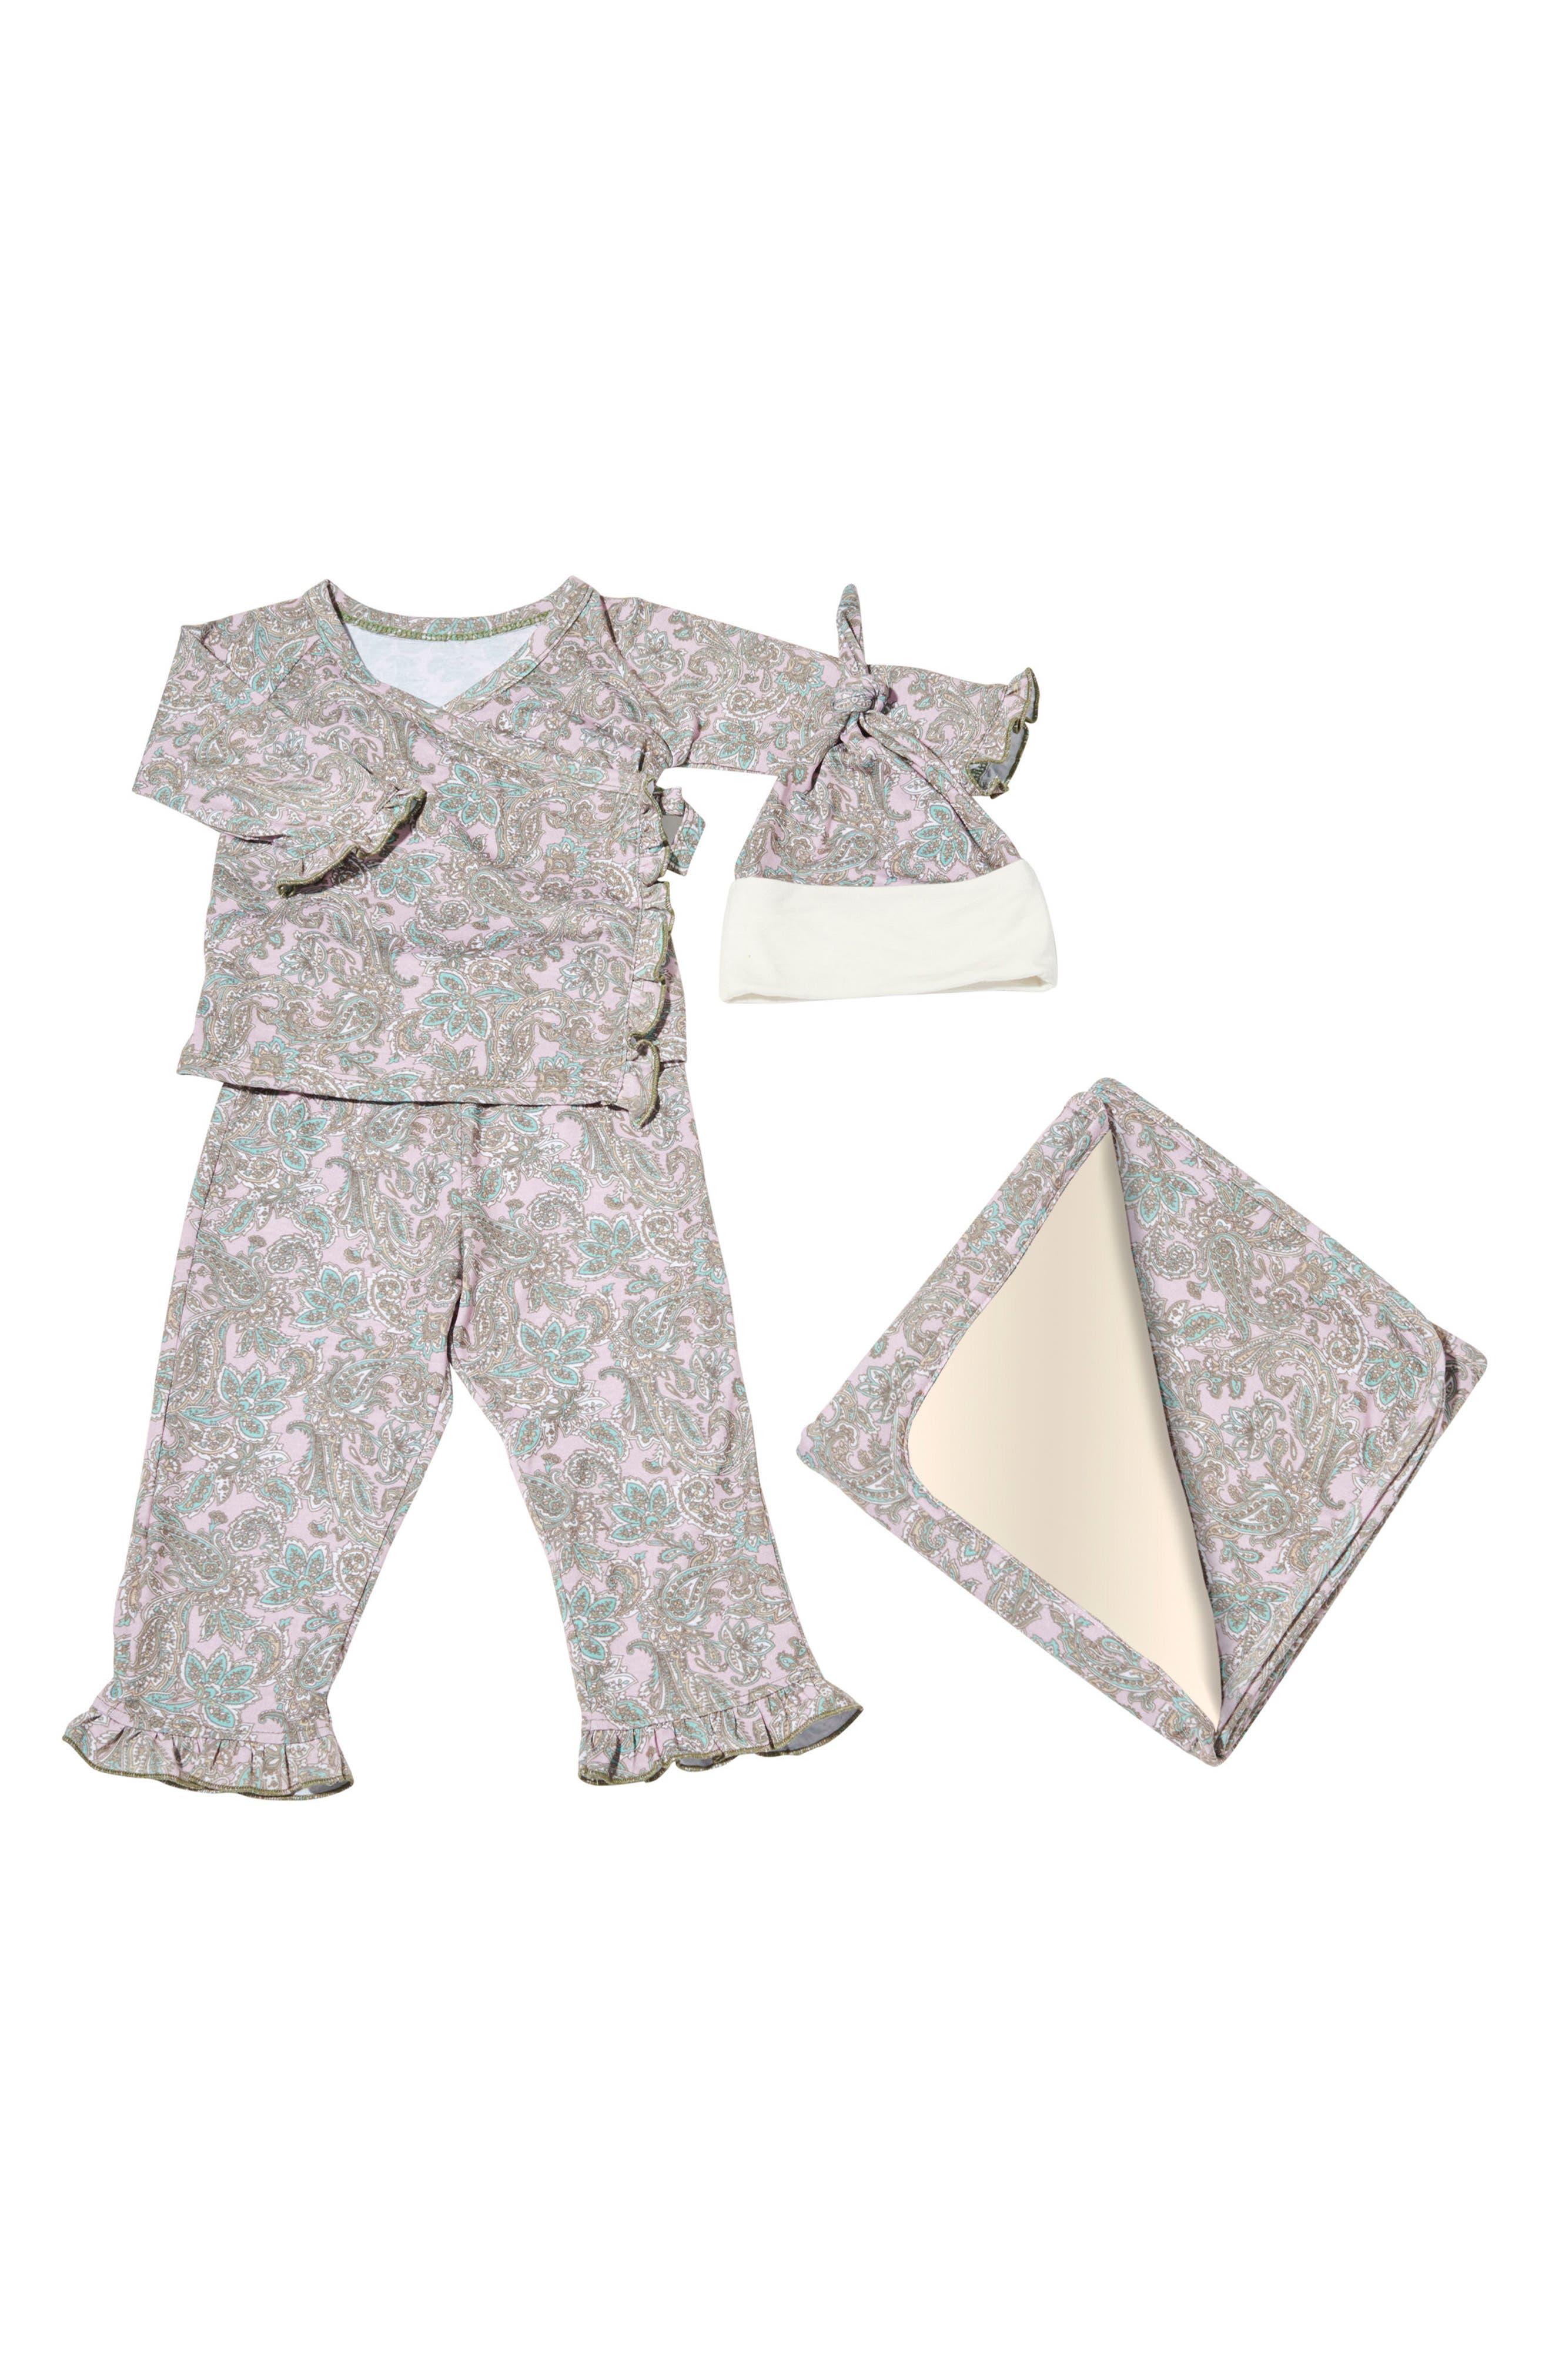 Ruffle Kimono Top, Pants, Hat & Blanket Set,                             Main thumbnail 1, color,                             401